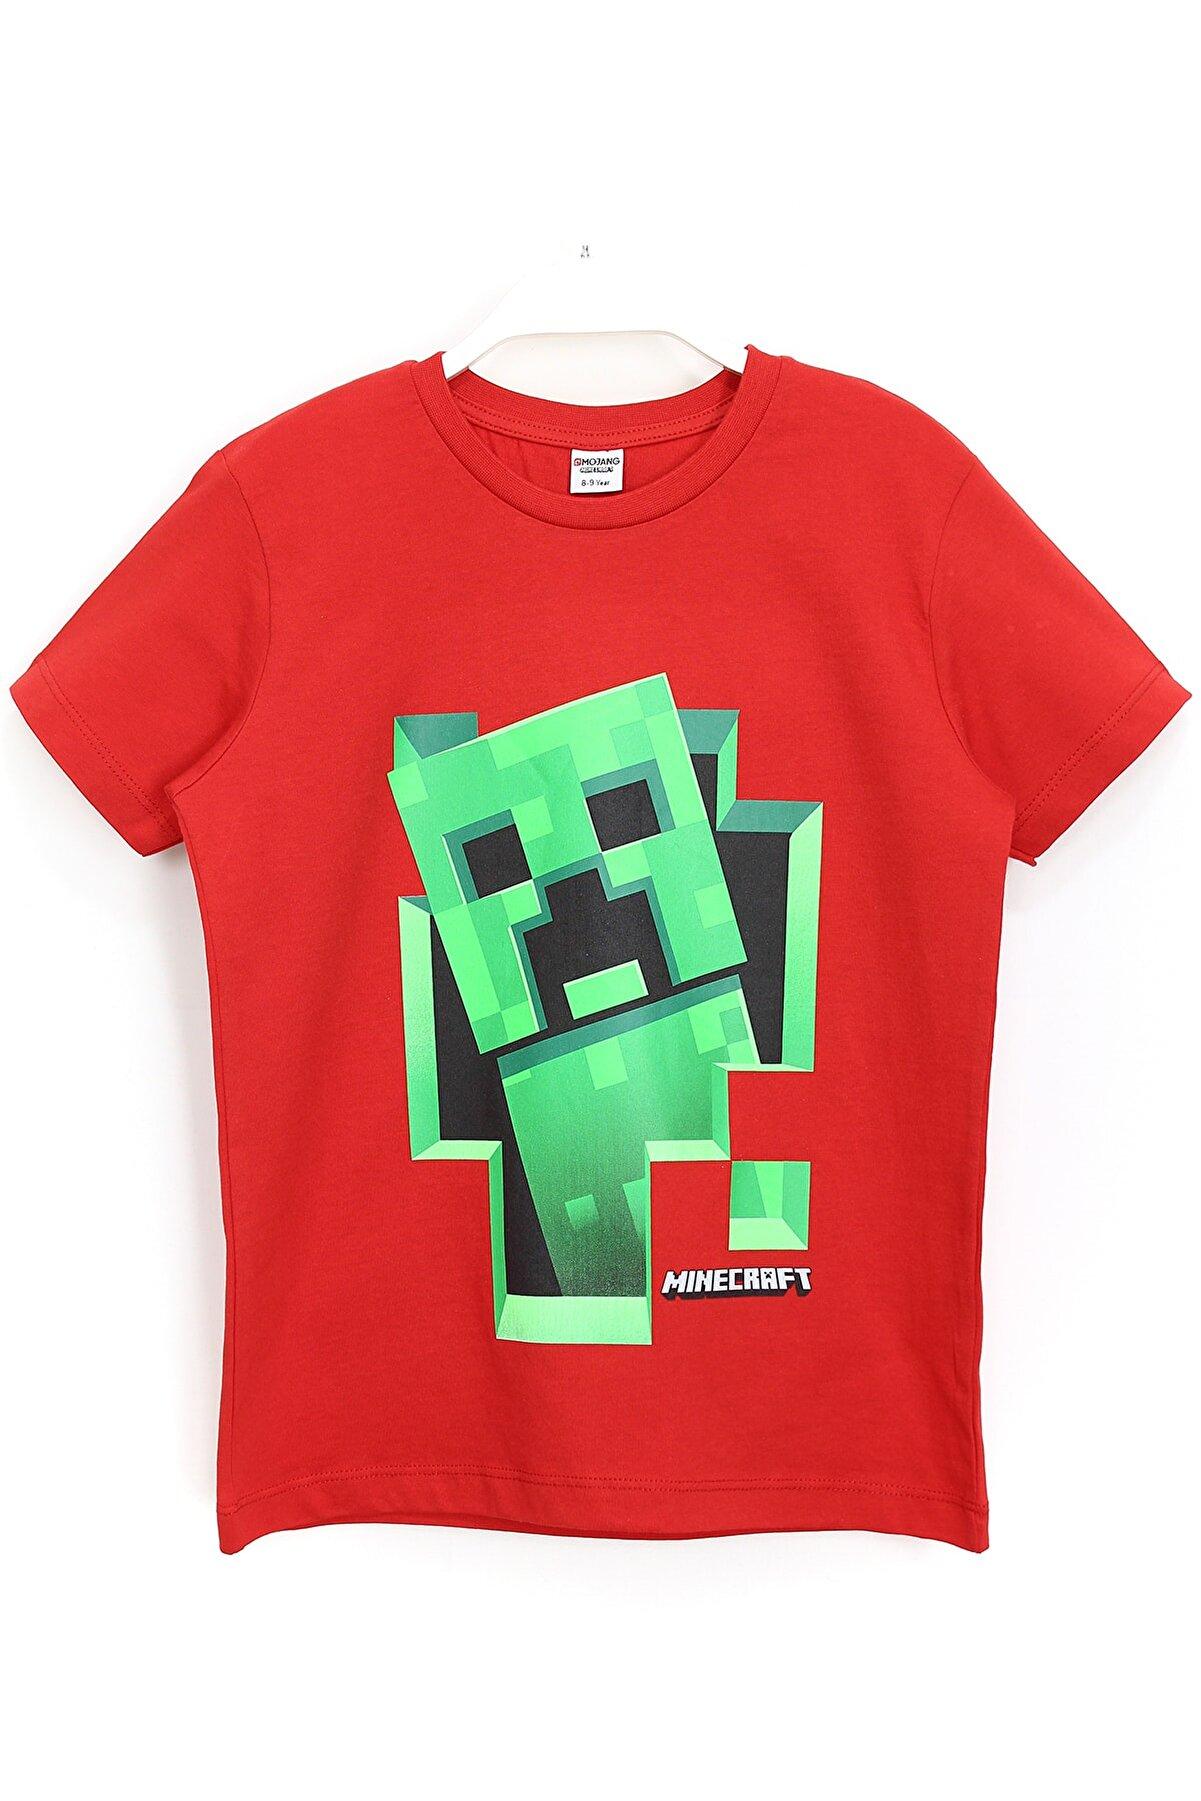 Minecraft Erkek Çocuk Kırmızı Baskılı T-shirt